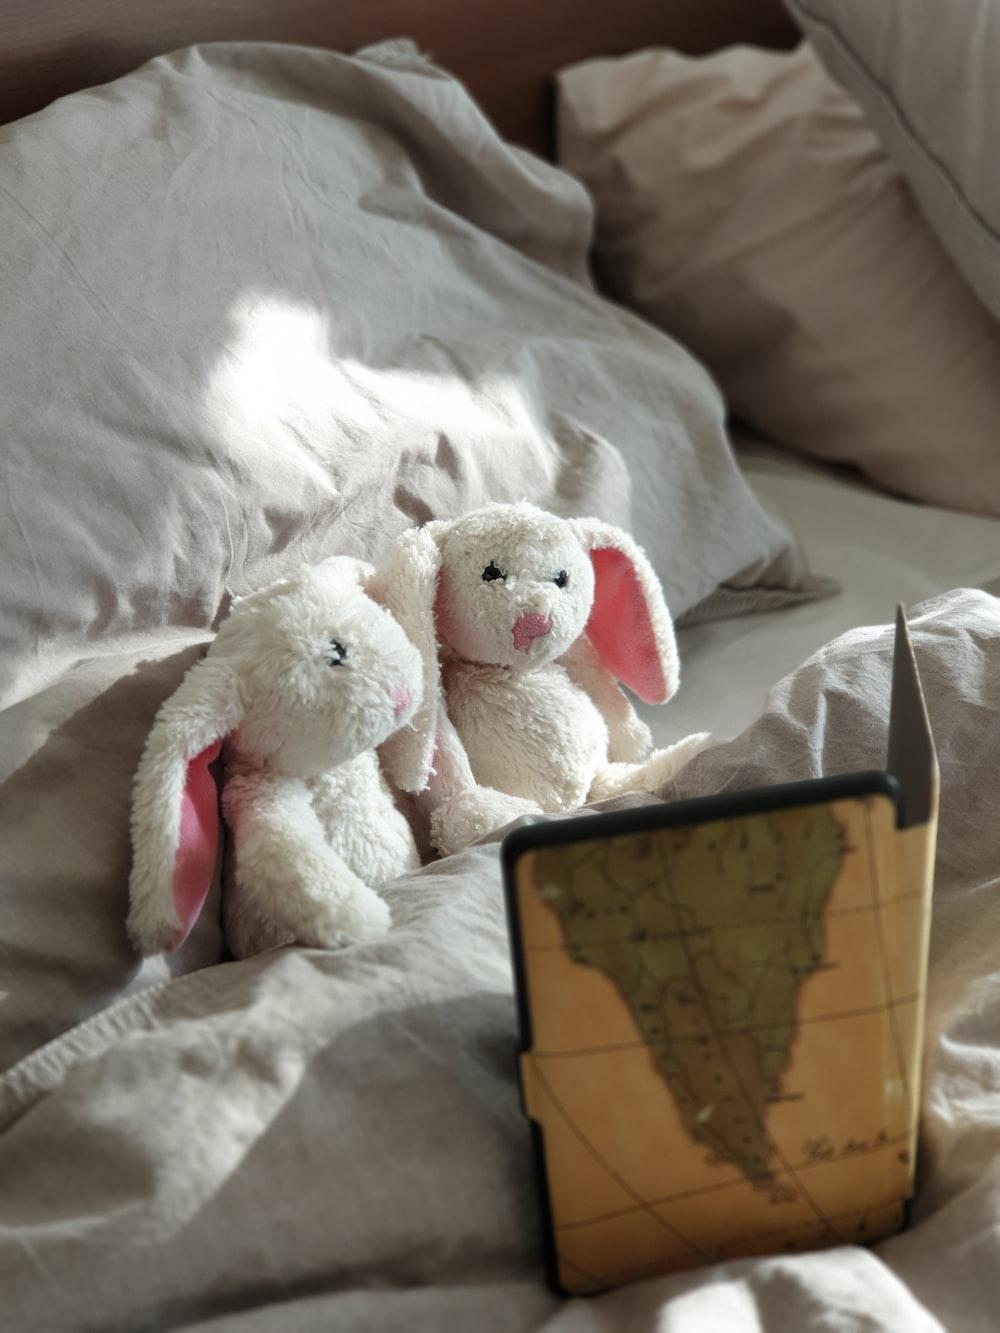 white bear plush toy on white textile